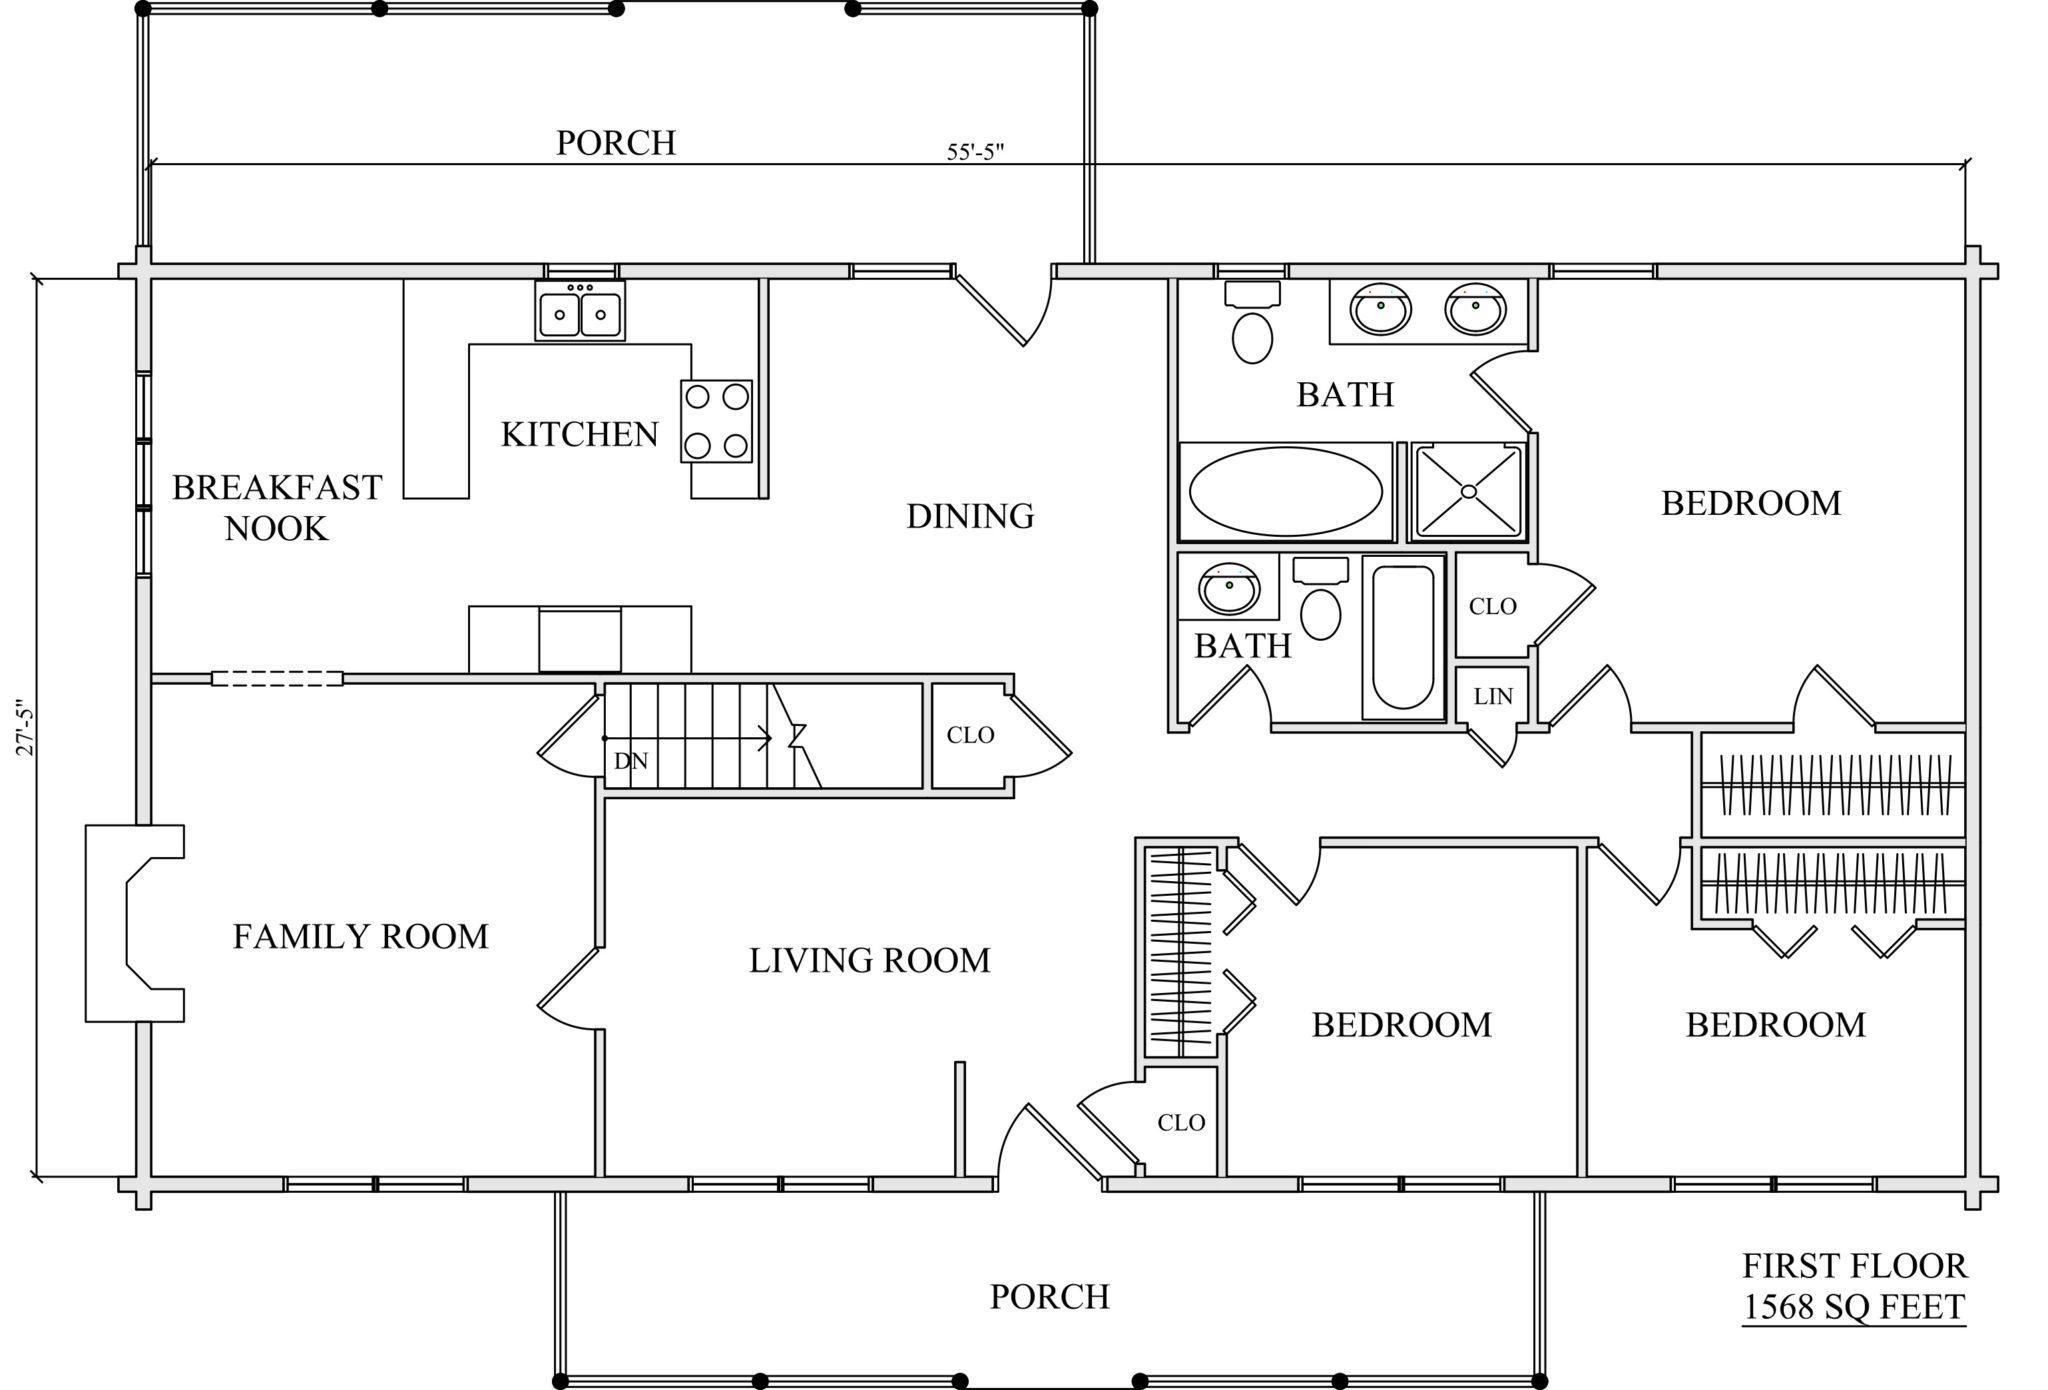 Log home plan 01875 katahdin cedar log homes floor plans for Floor plan holder